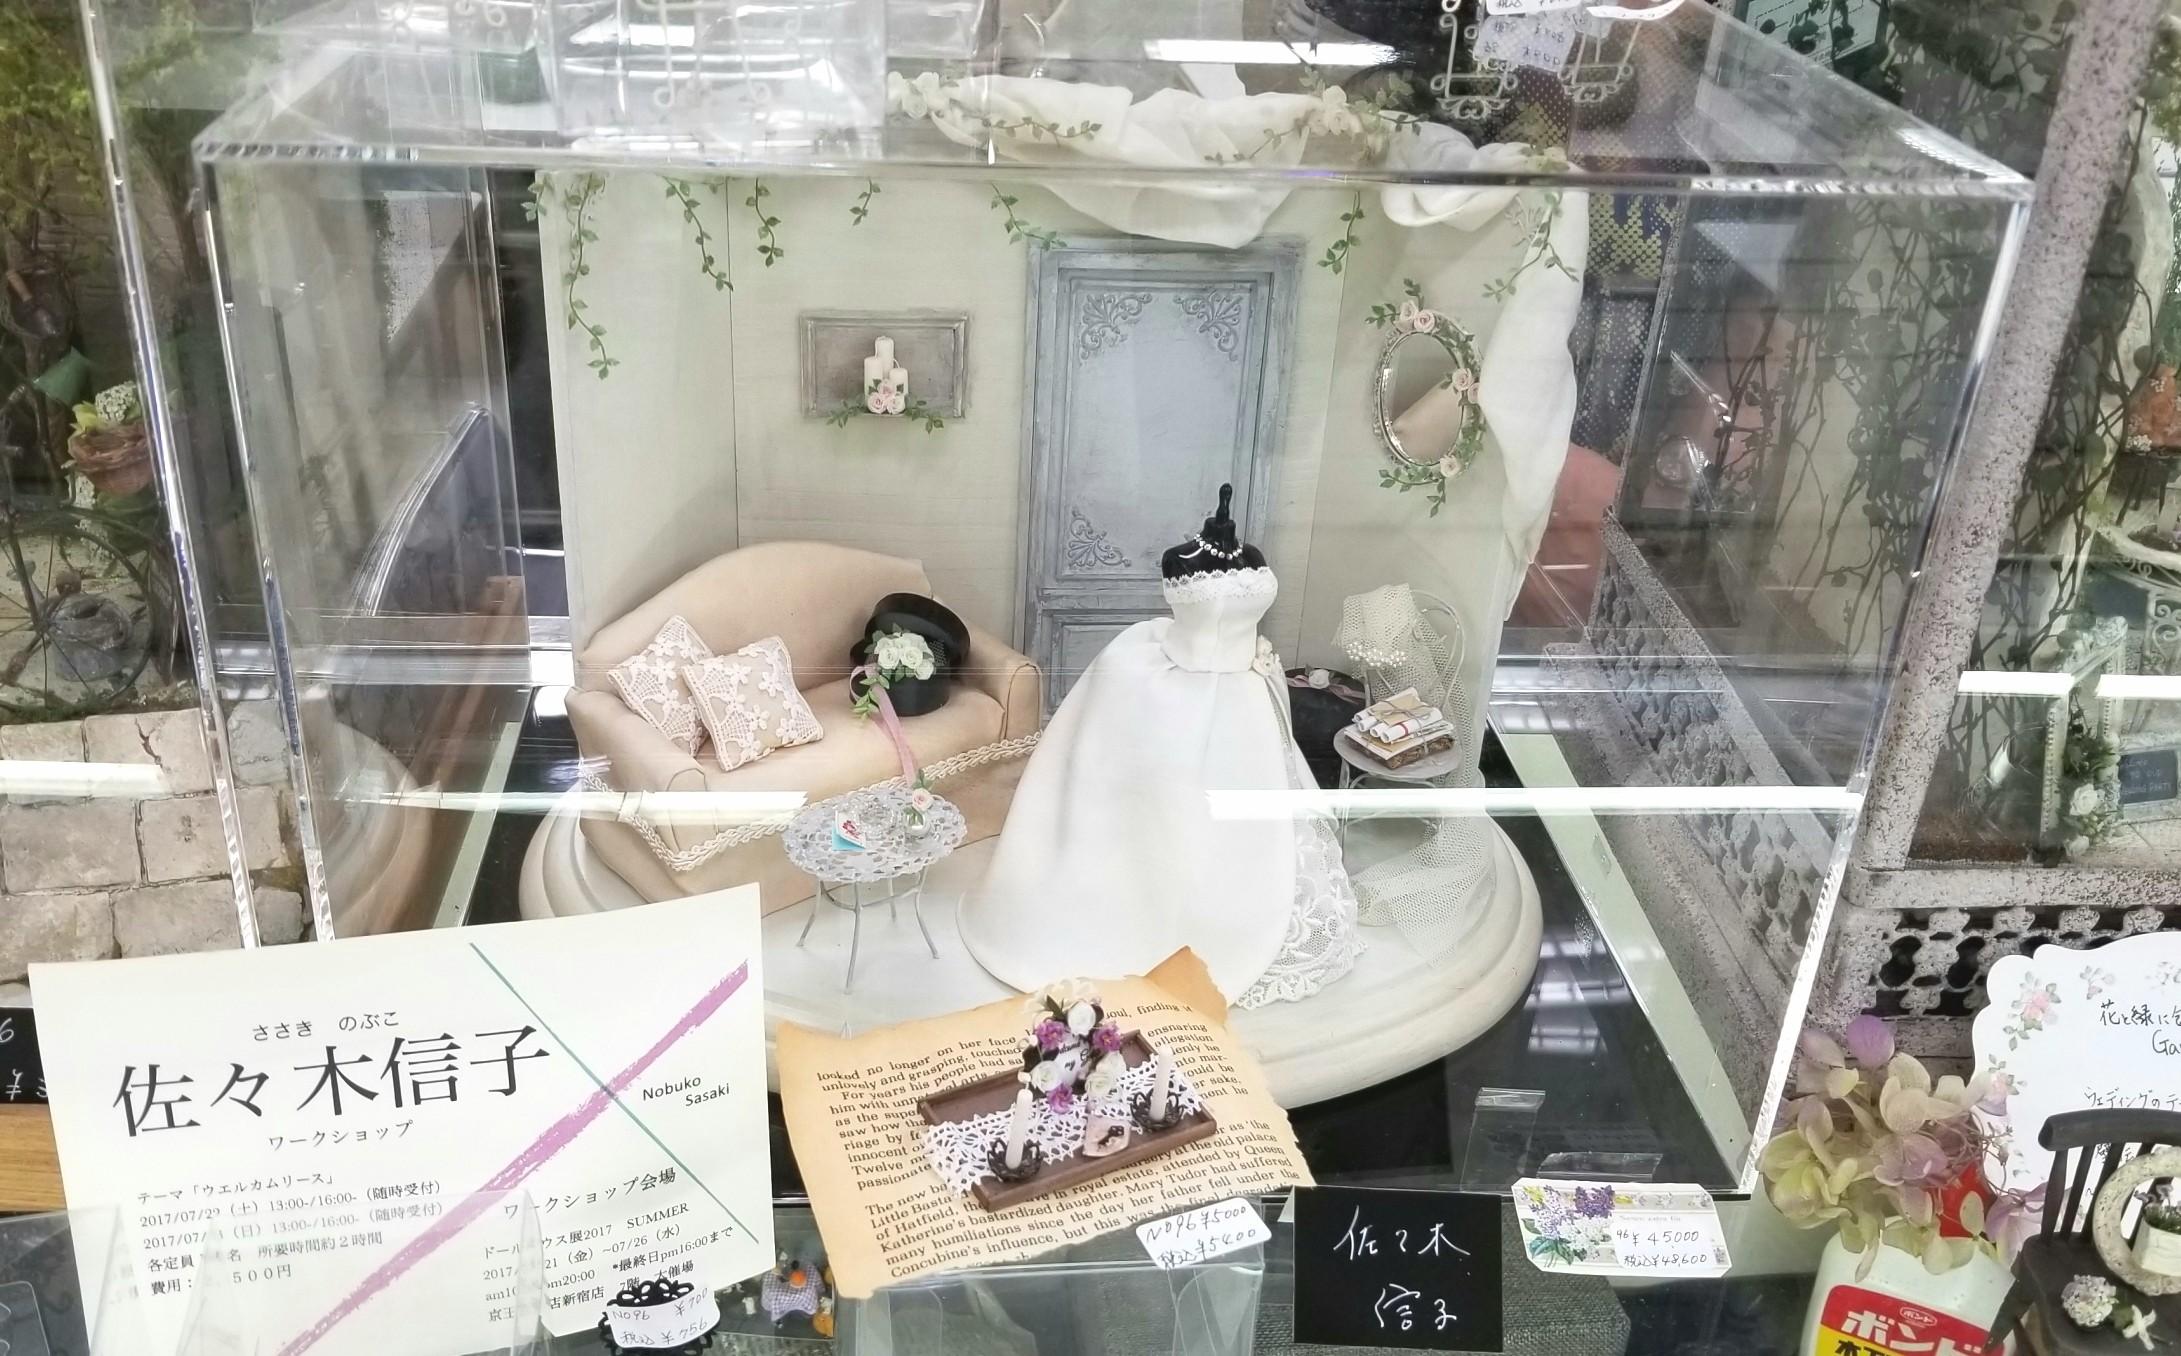 京王百貨店ドールハウス展, 佐々木信子, ミニチュア, ドールハウス